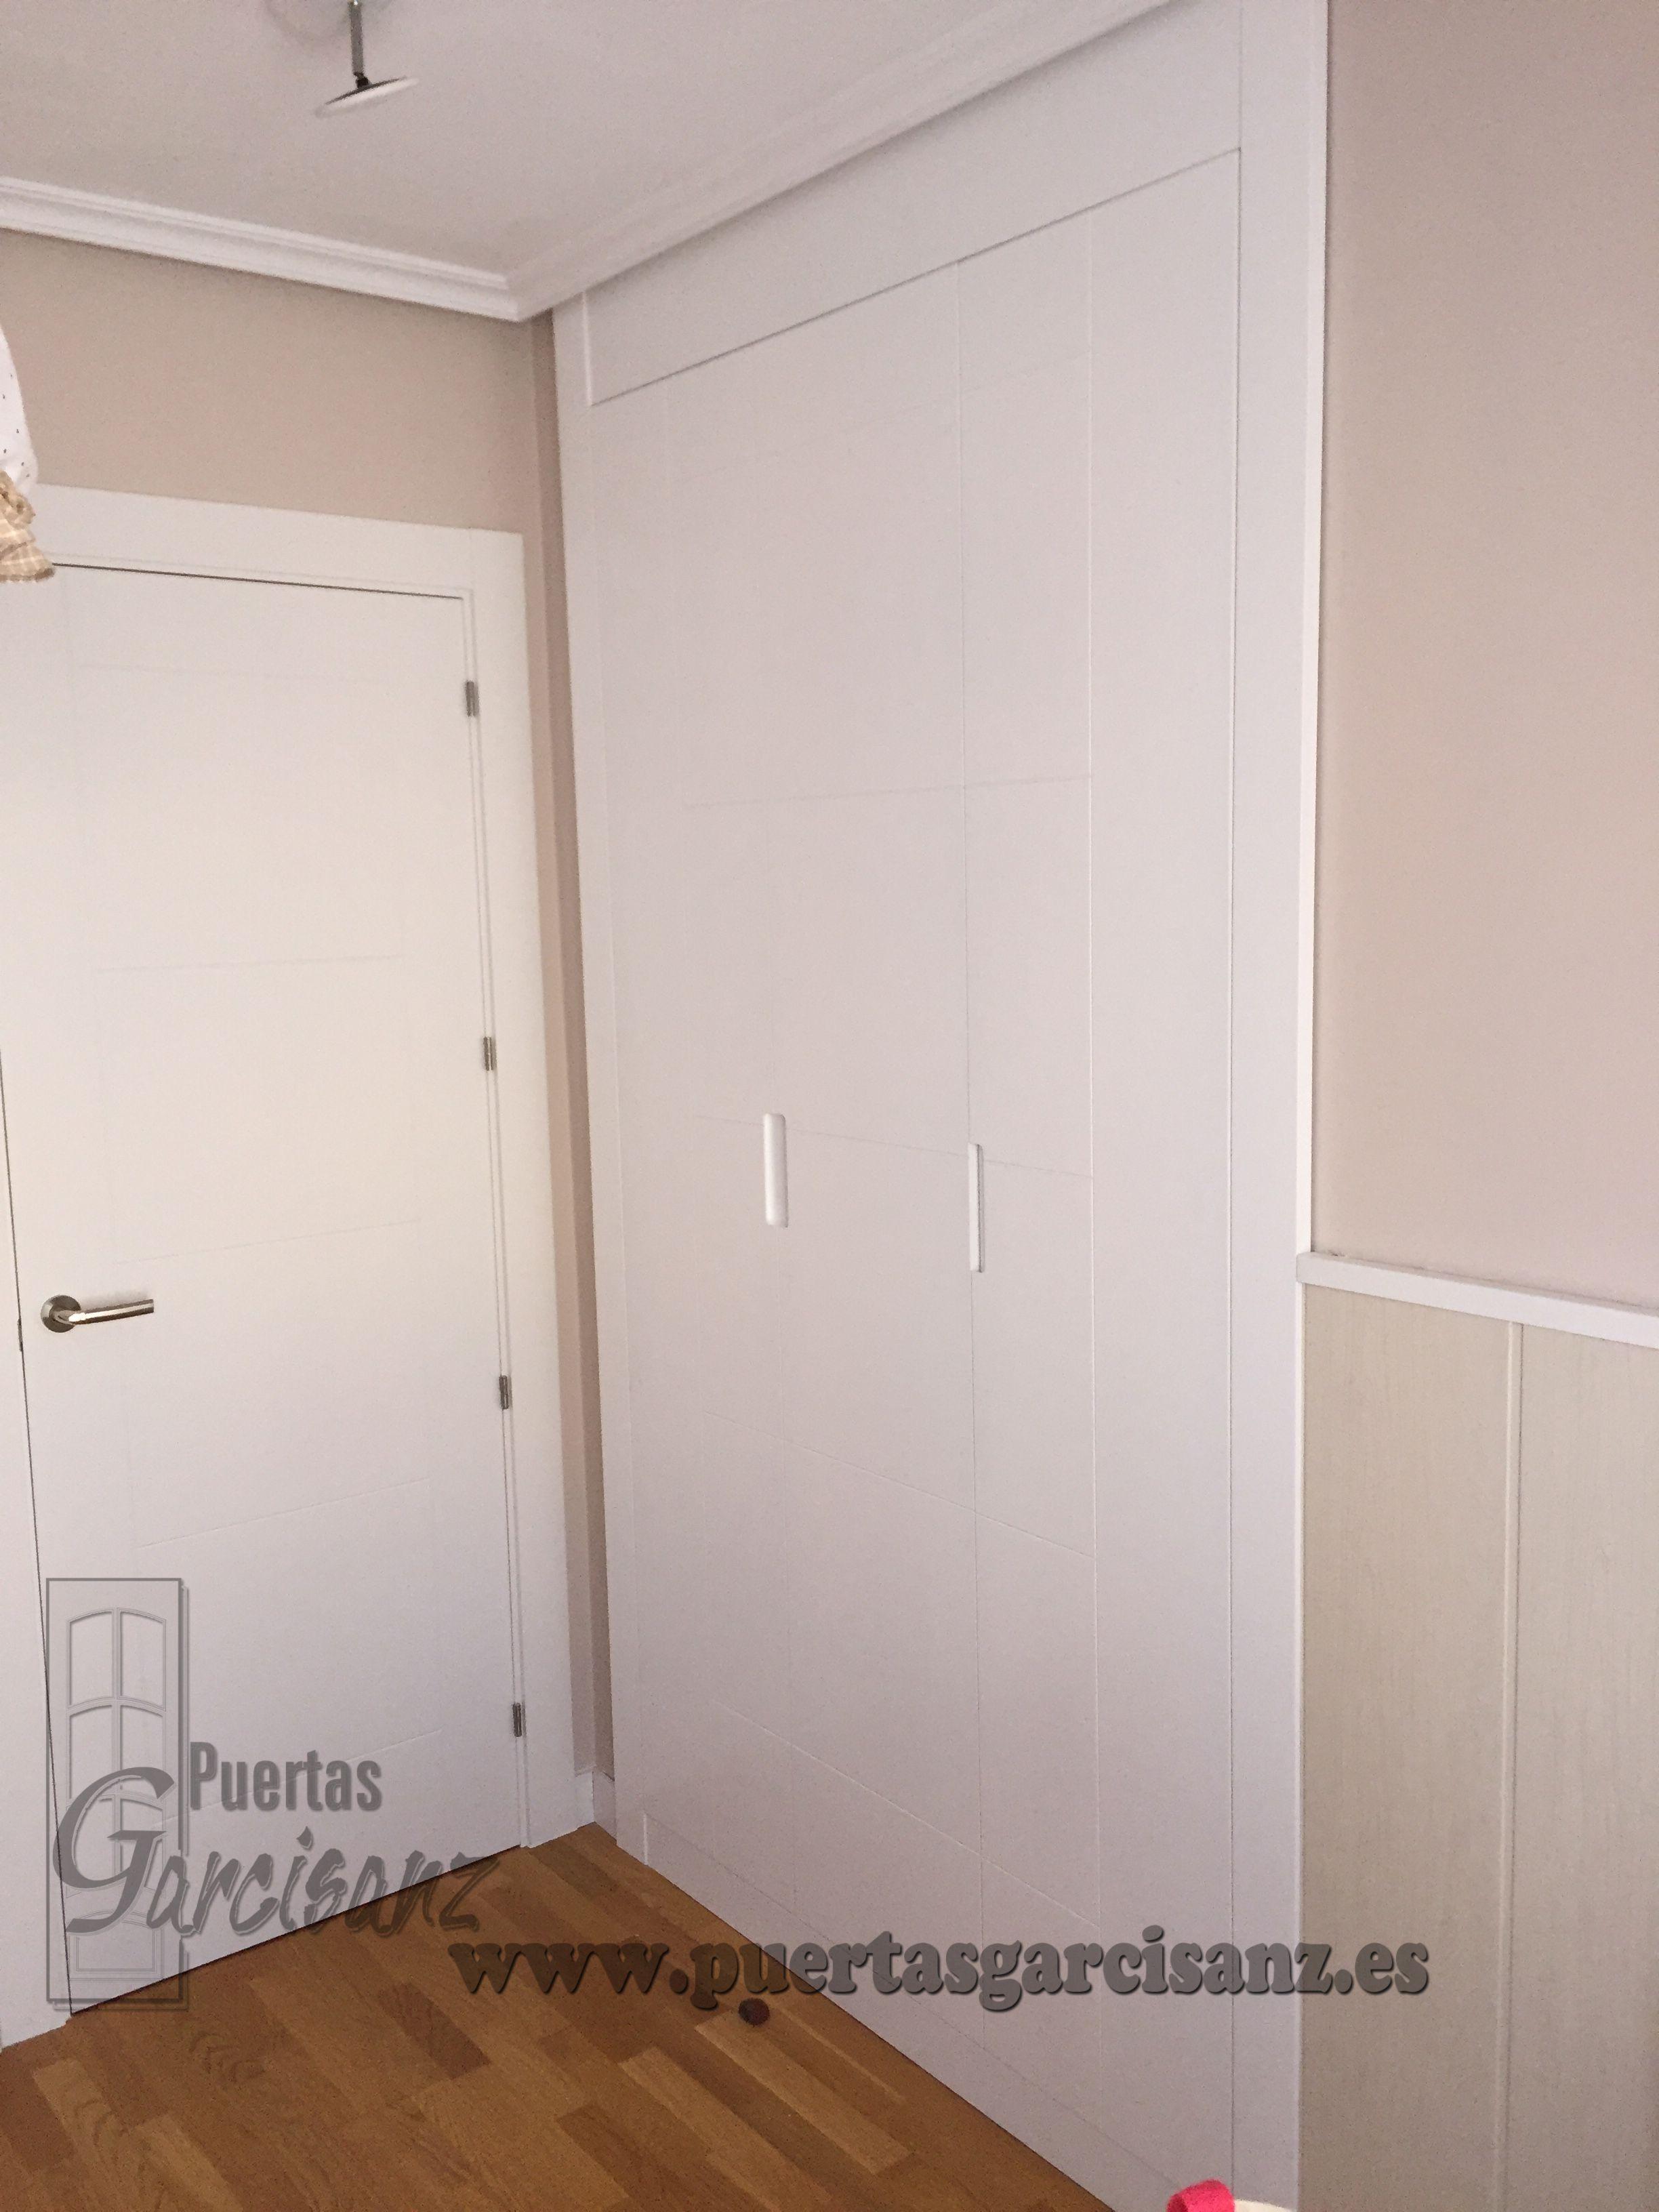 Frente de armario lacado en blanco de 3 puertas abatibles - Armario blanco lacado ...